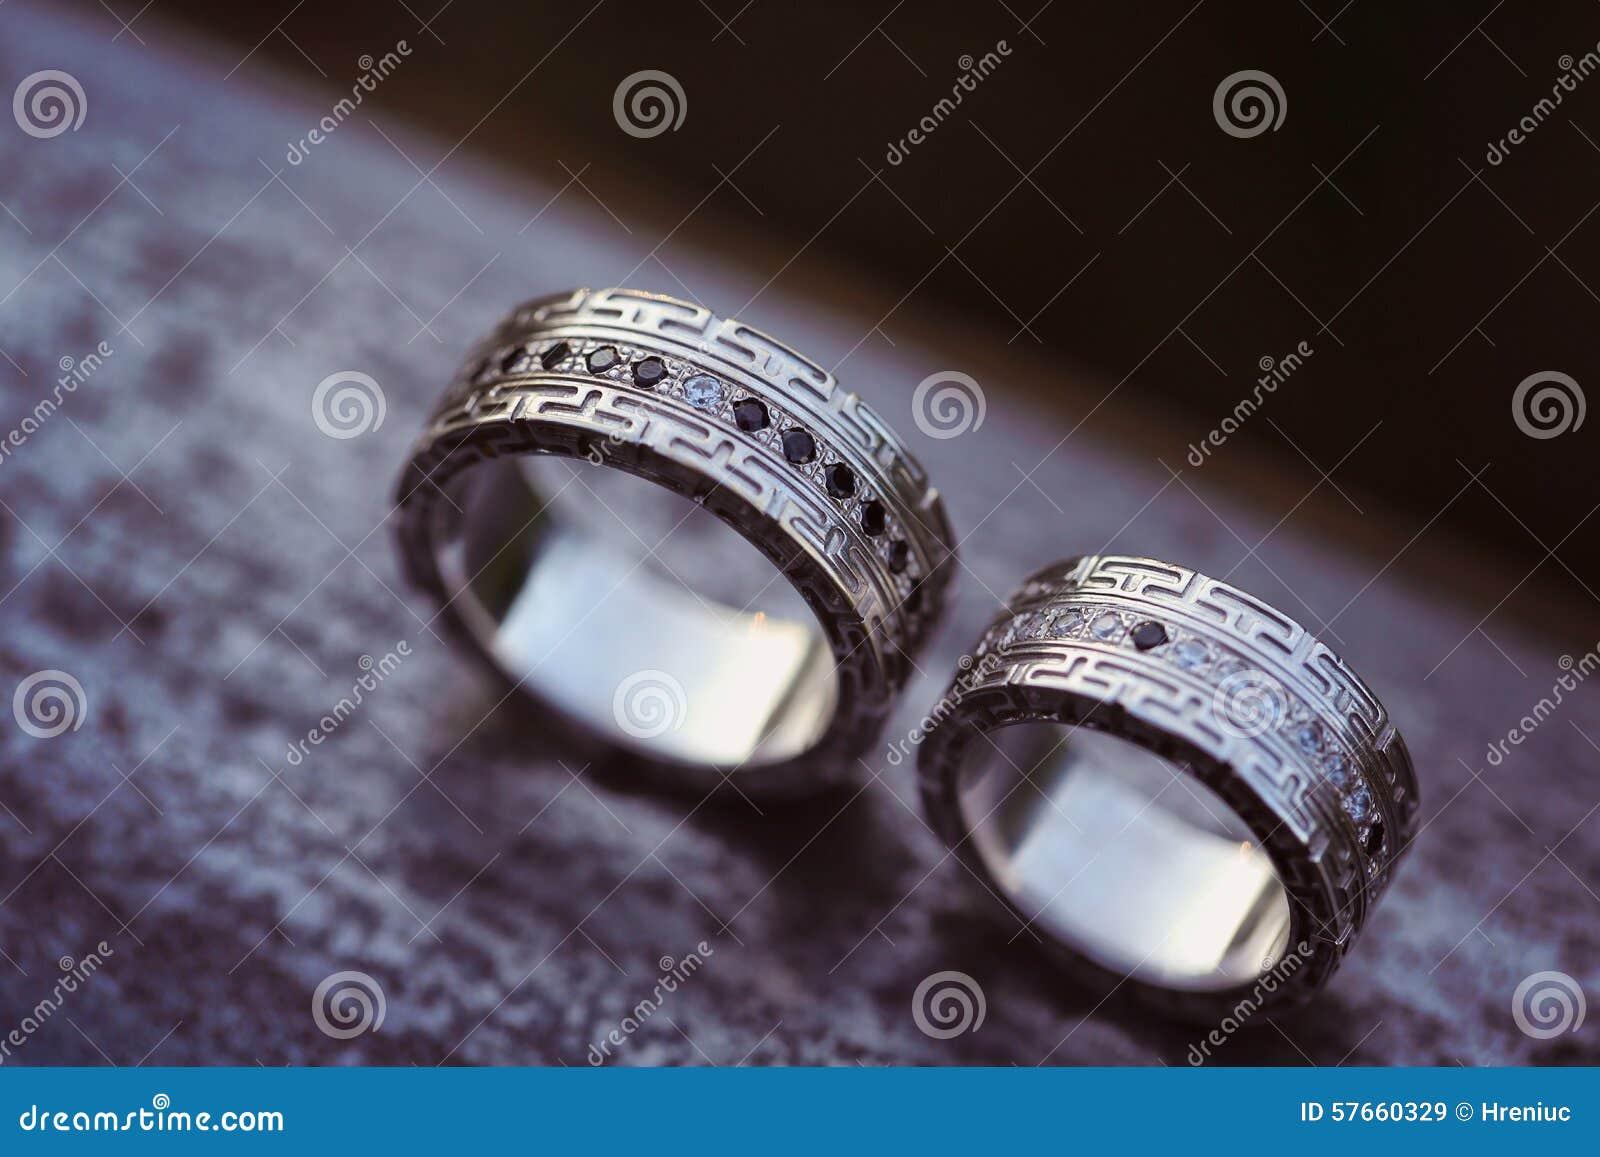 Schöne Eheringe Auf Holz Stockfoto - Bild: 57660329